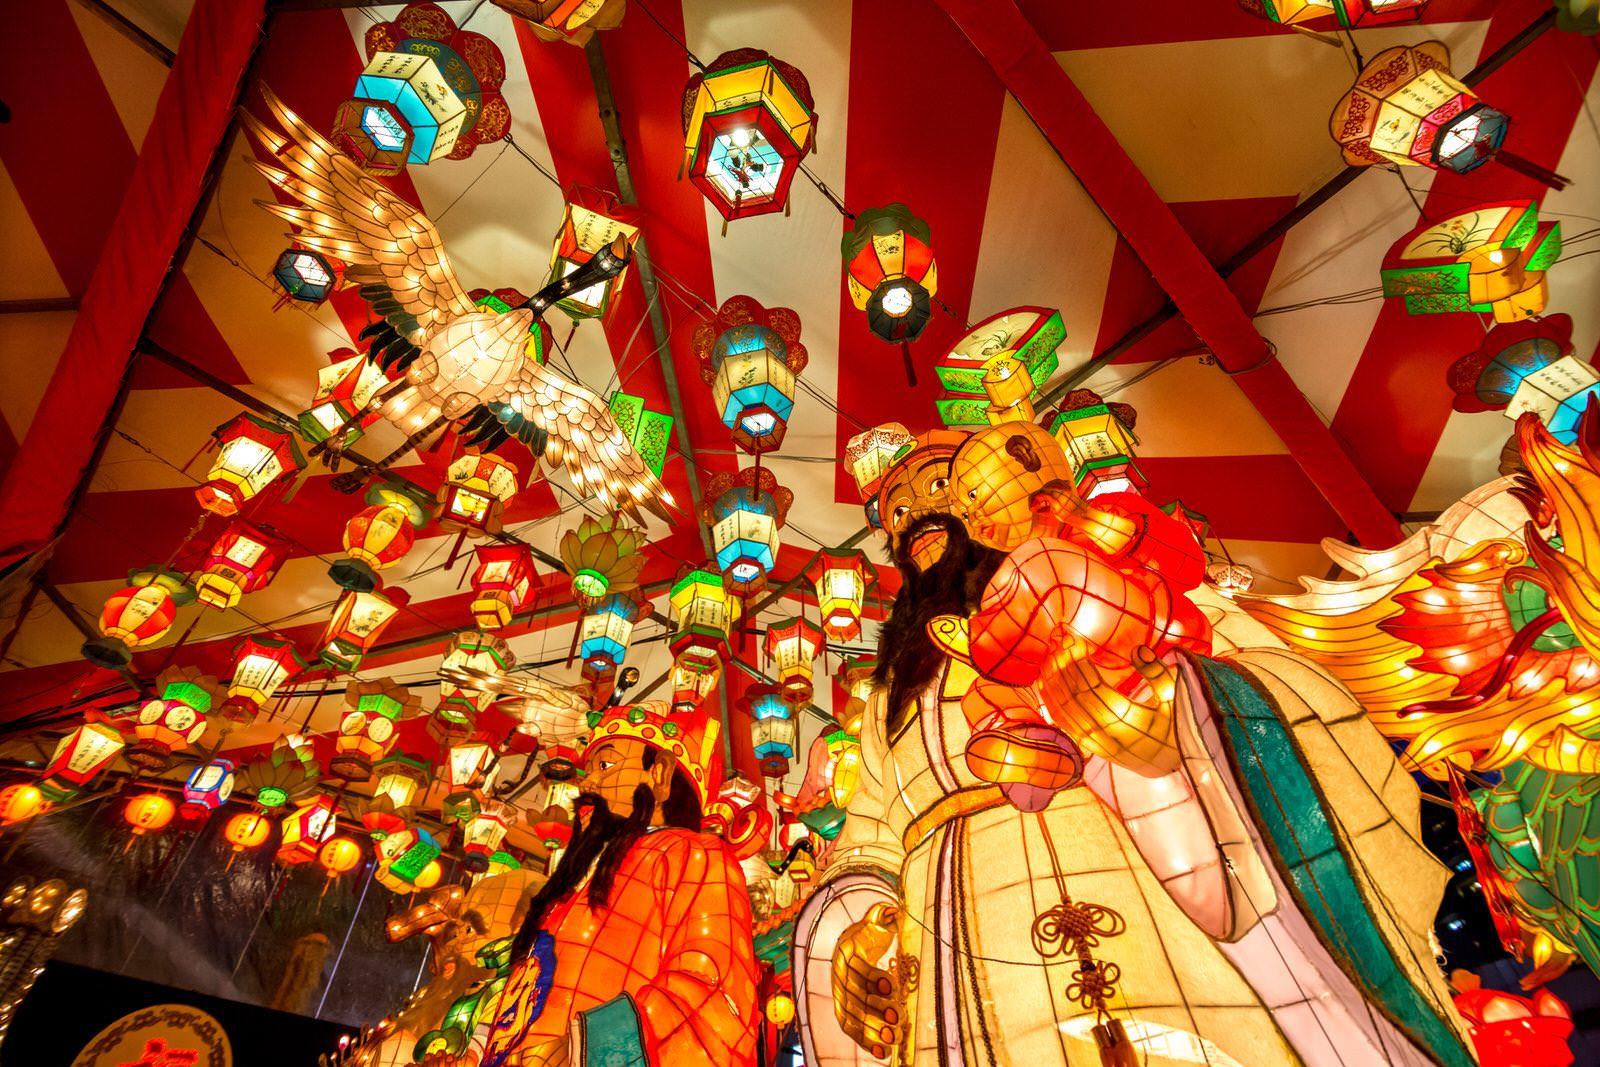 【長崎ランタンフェスティバル】和華蘭文化を巡る観光案内 | モデルコース